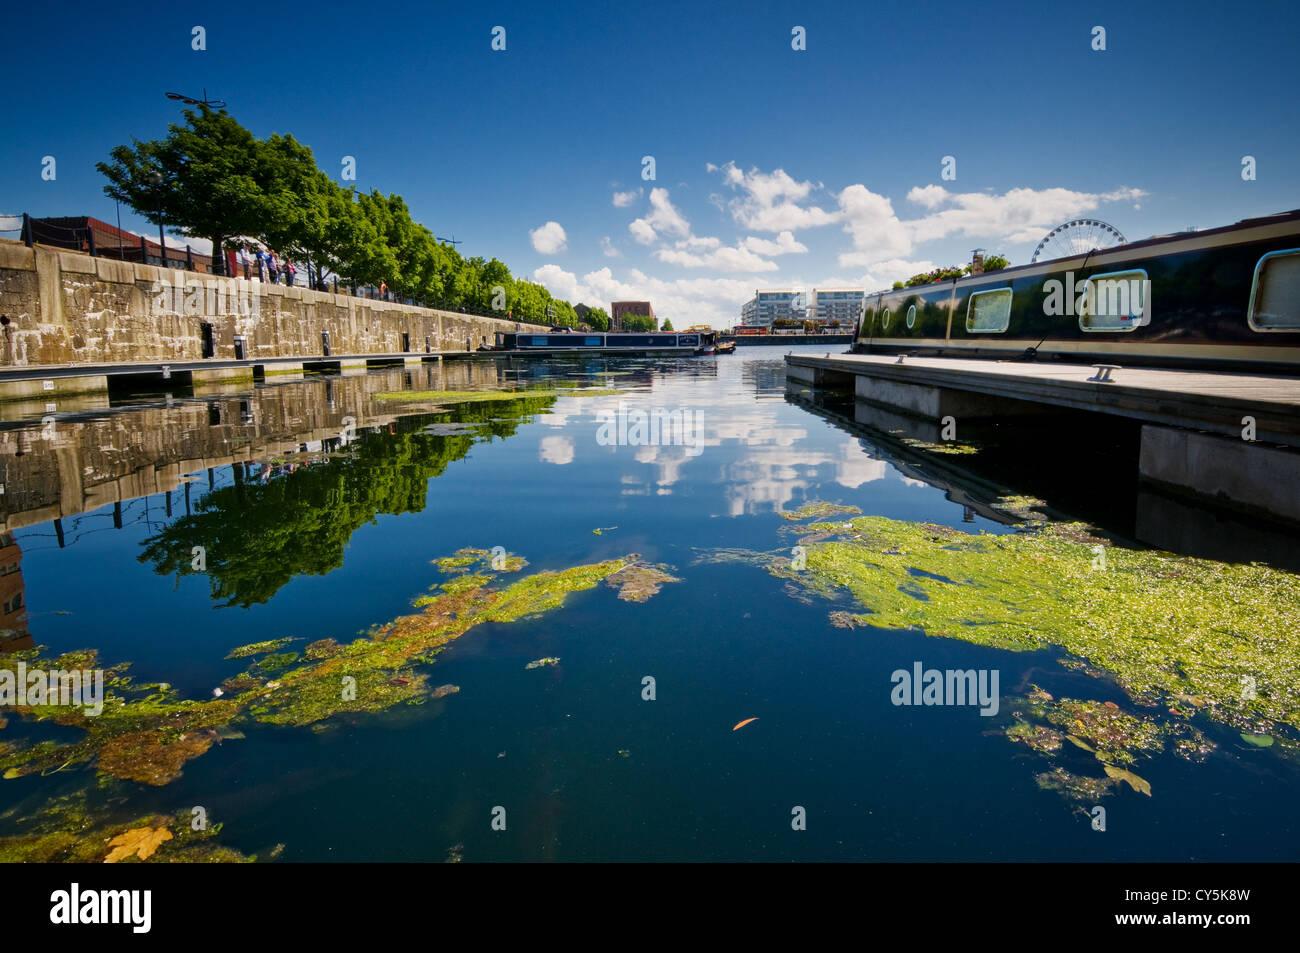 Albert Dock en Liverpool City Centre, el amarre con el azul del cielo reflejado en el agua azul Imagen De Stock